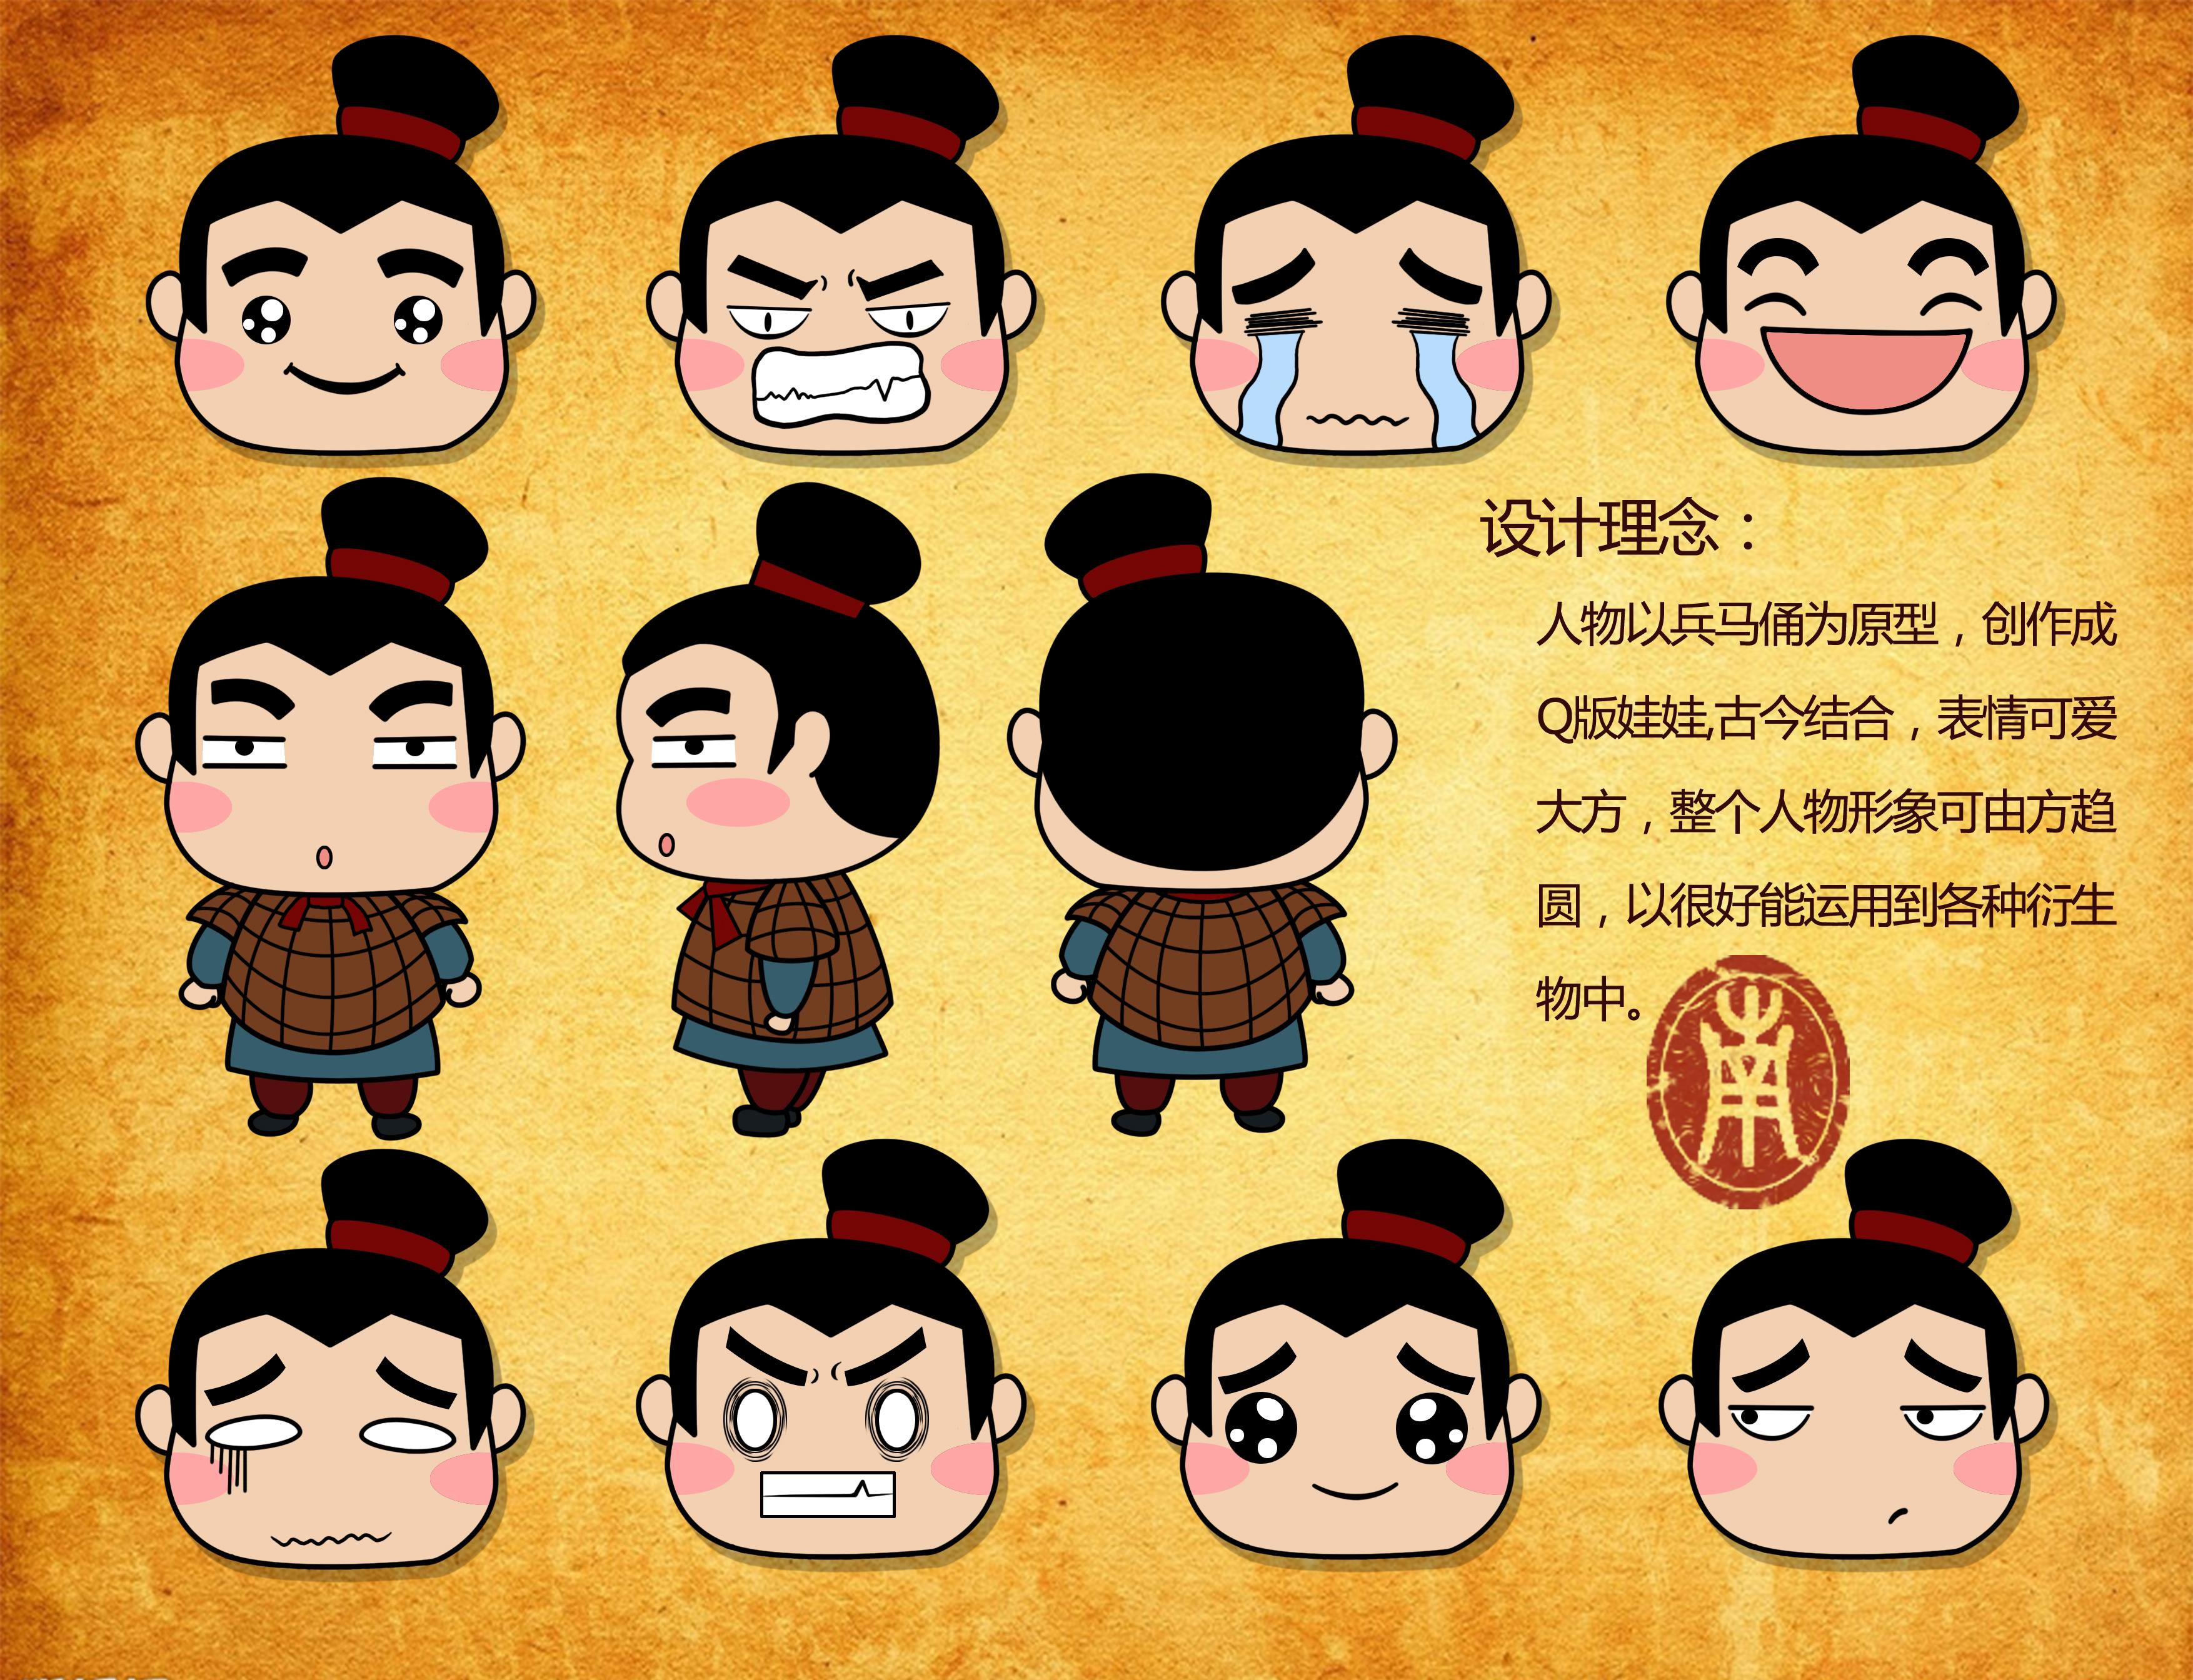 卡通人物及表情设计